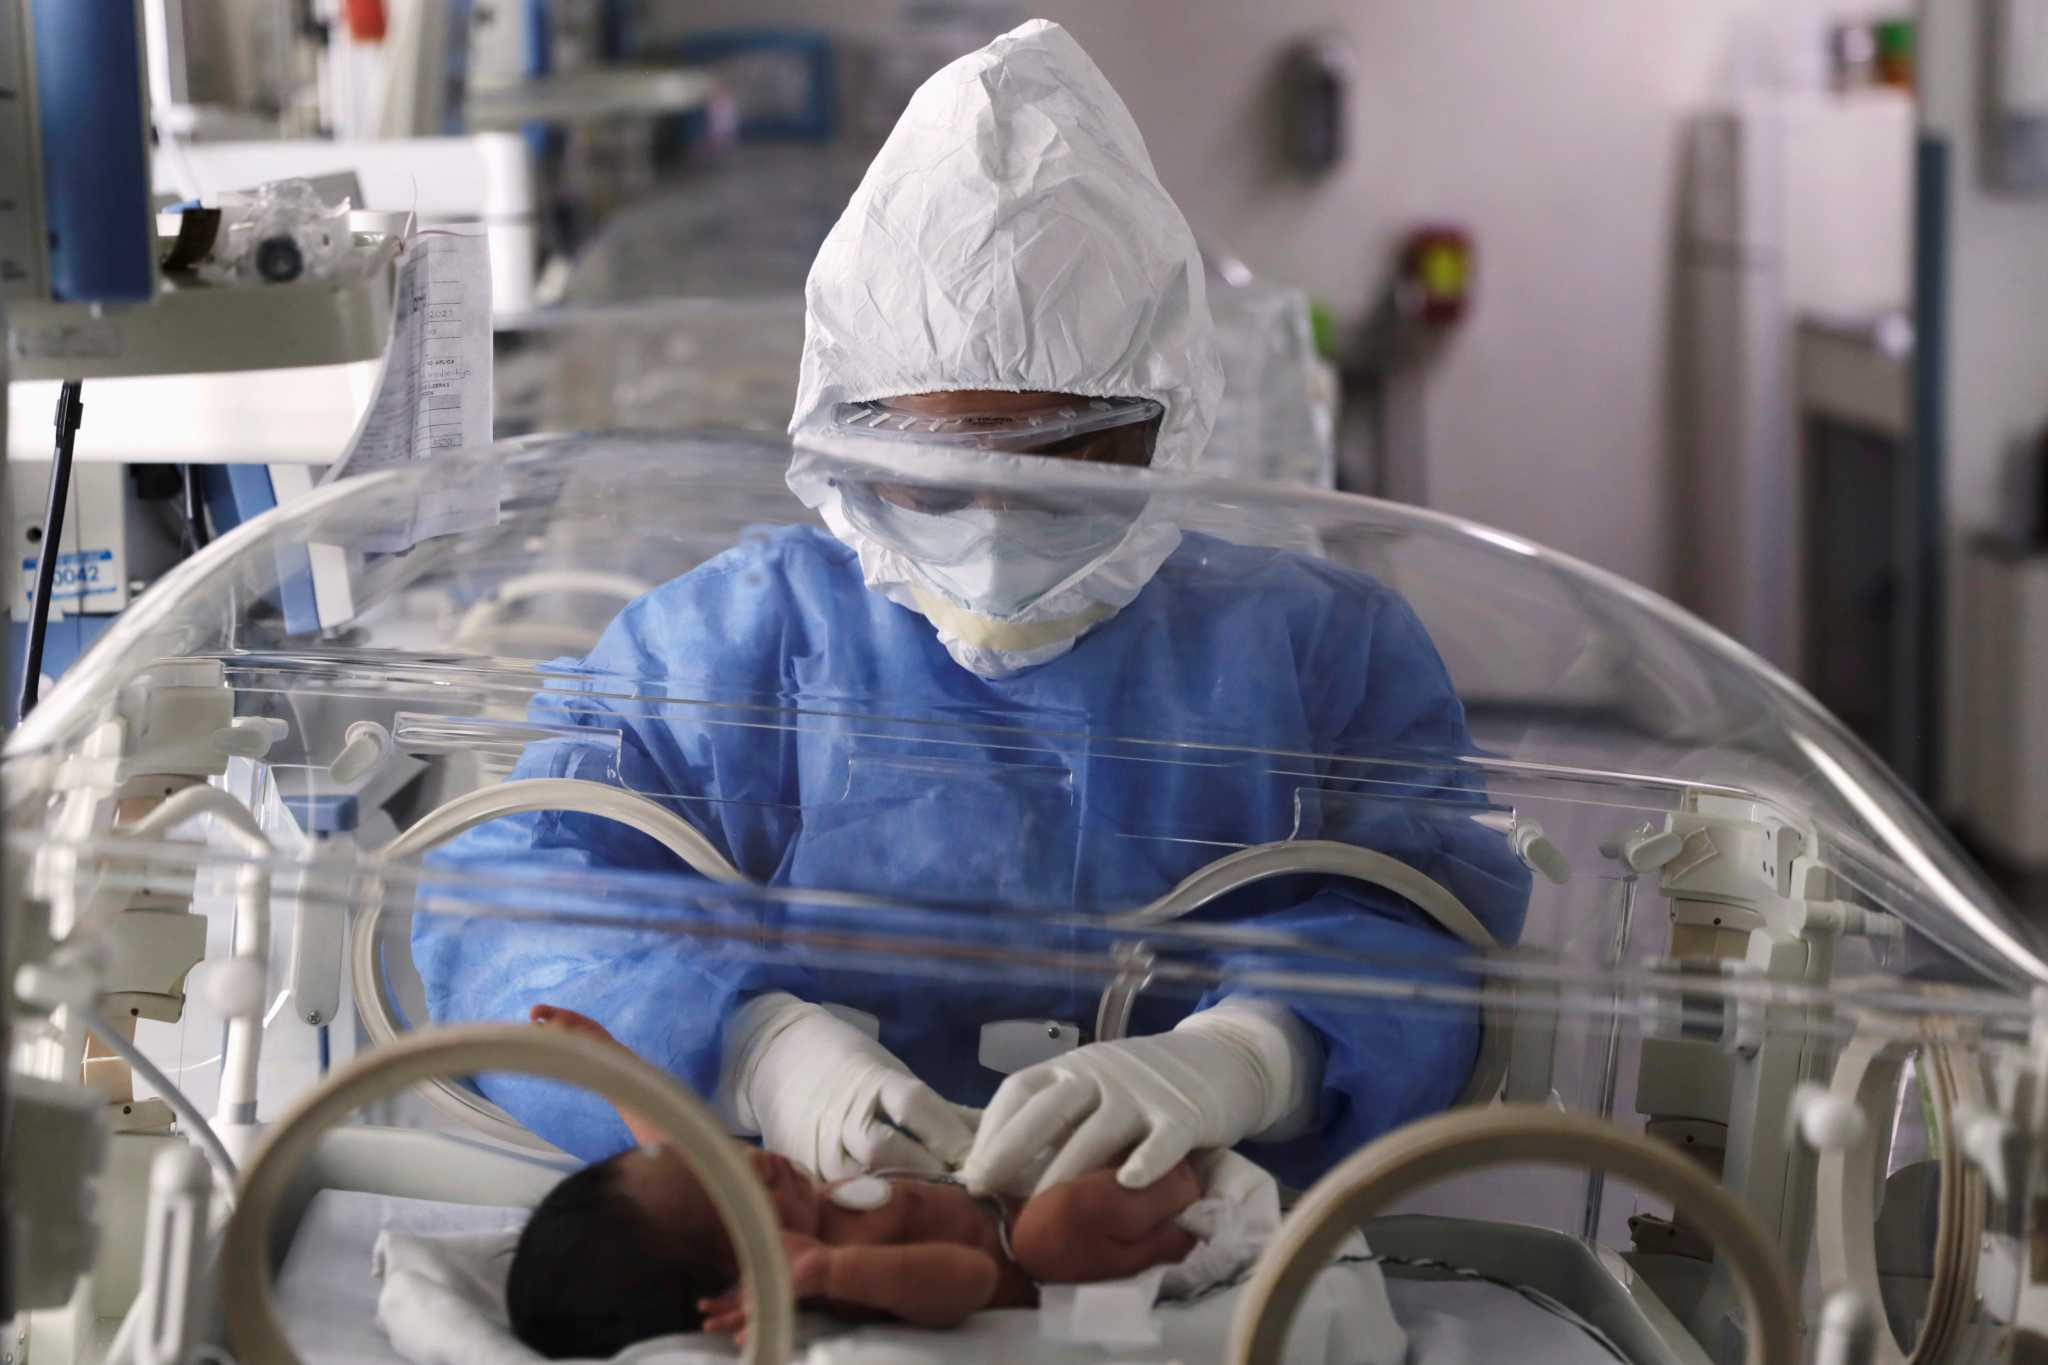 Κορονοϊός και έμβρυα: Τι «δείχνουν» οι γεννήσεις στην Ελλάδα για την ενδομήτρια μετάδοση